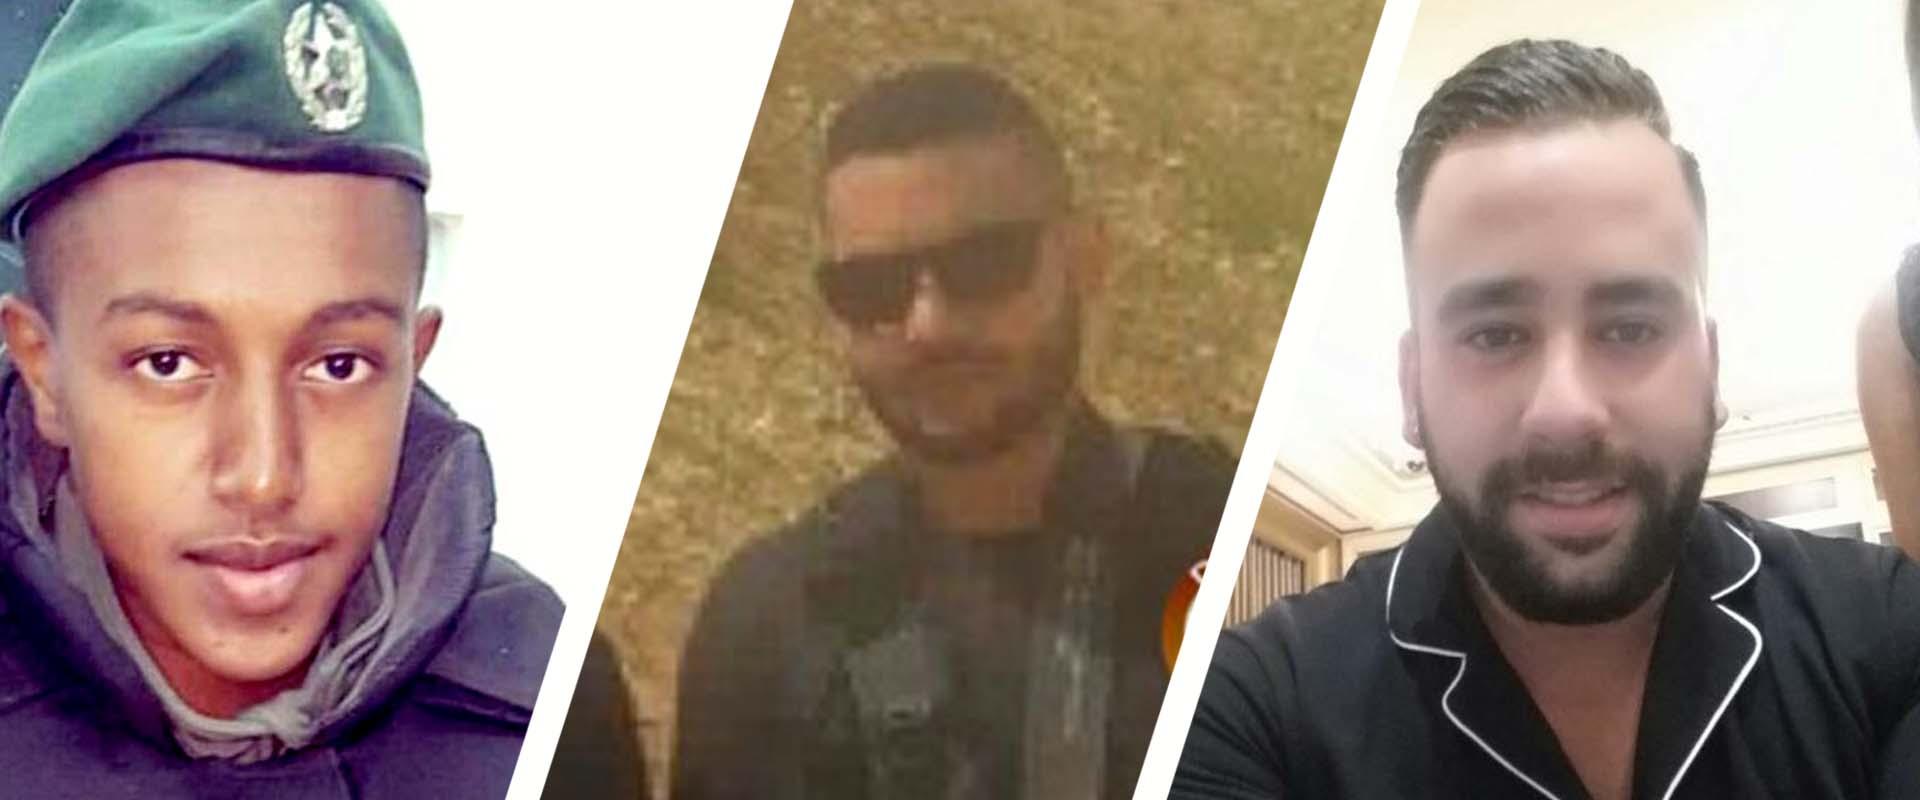 שלושת ההרוגים בפיגוע